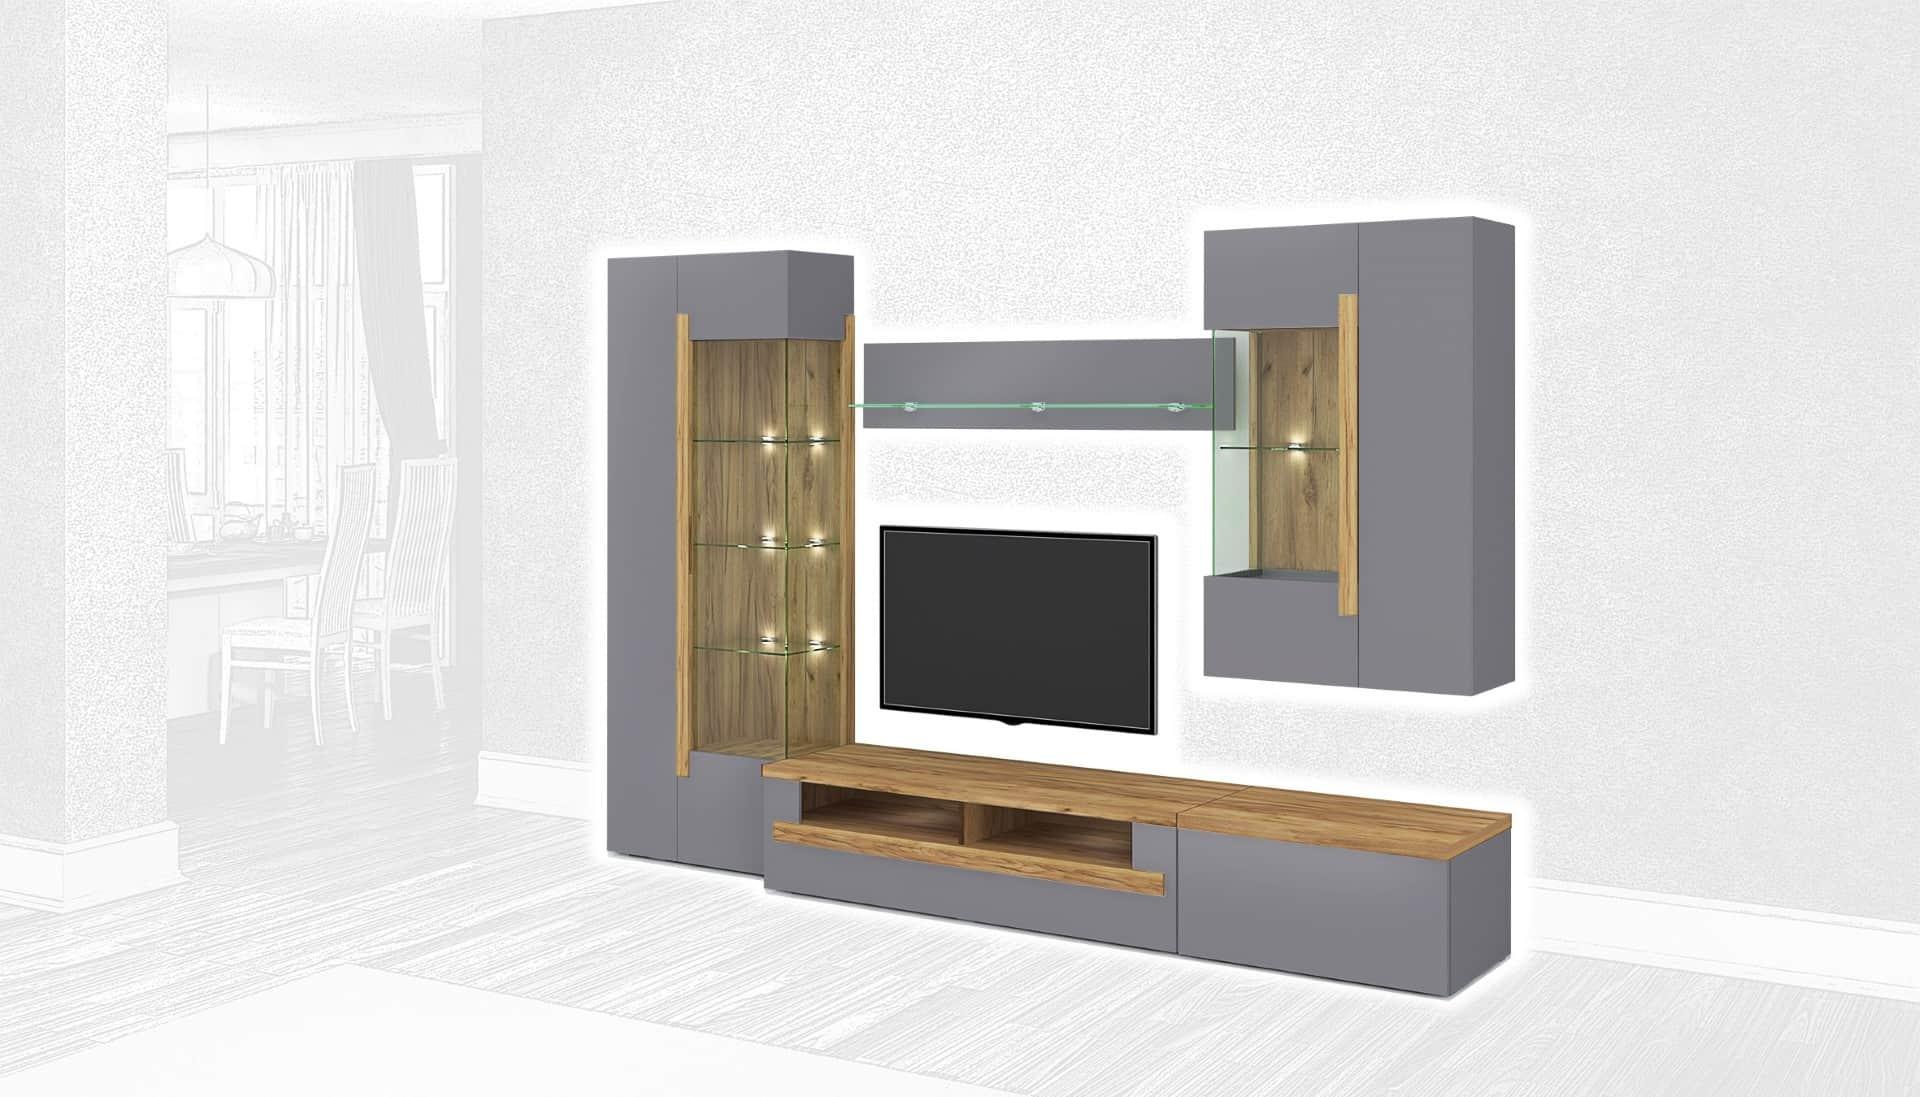 Стенка Интердизайн Дубай светло-коричневый/серый 1990x2900x500 (композиция 1)